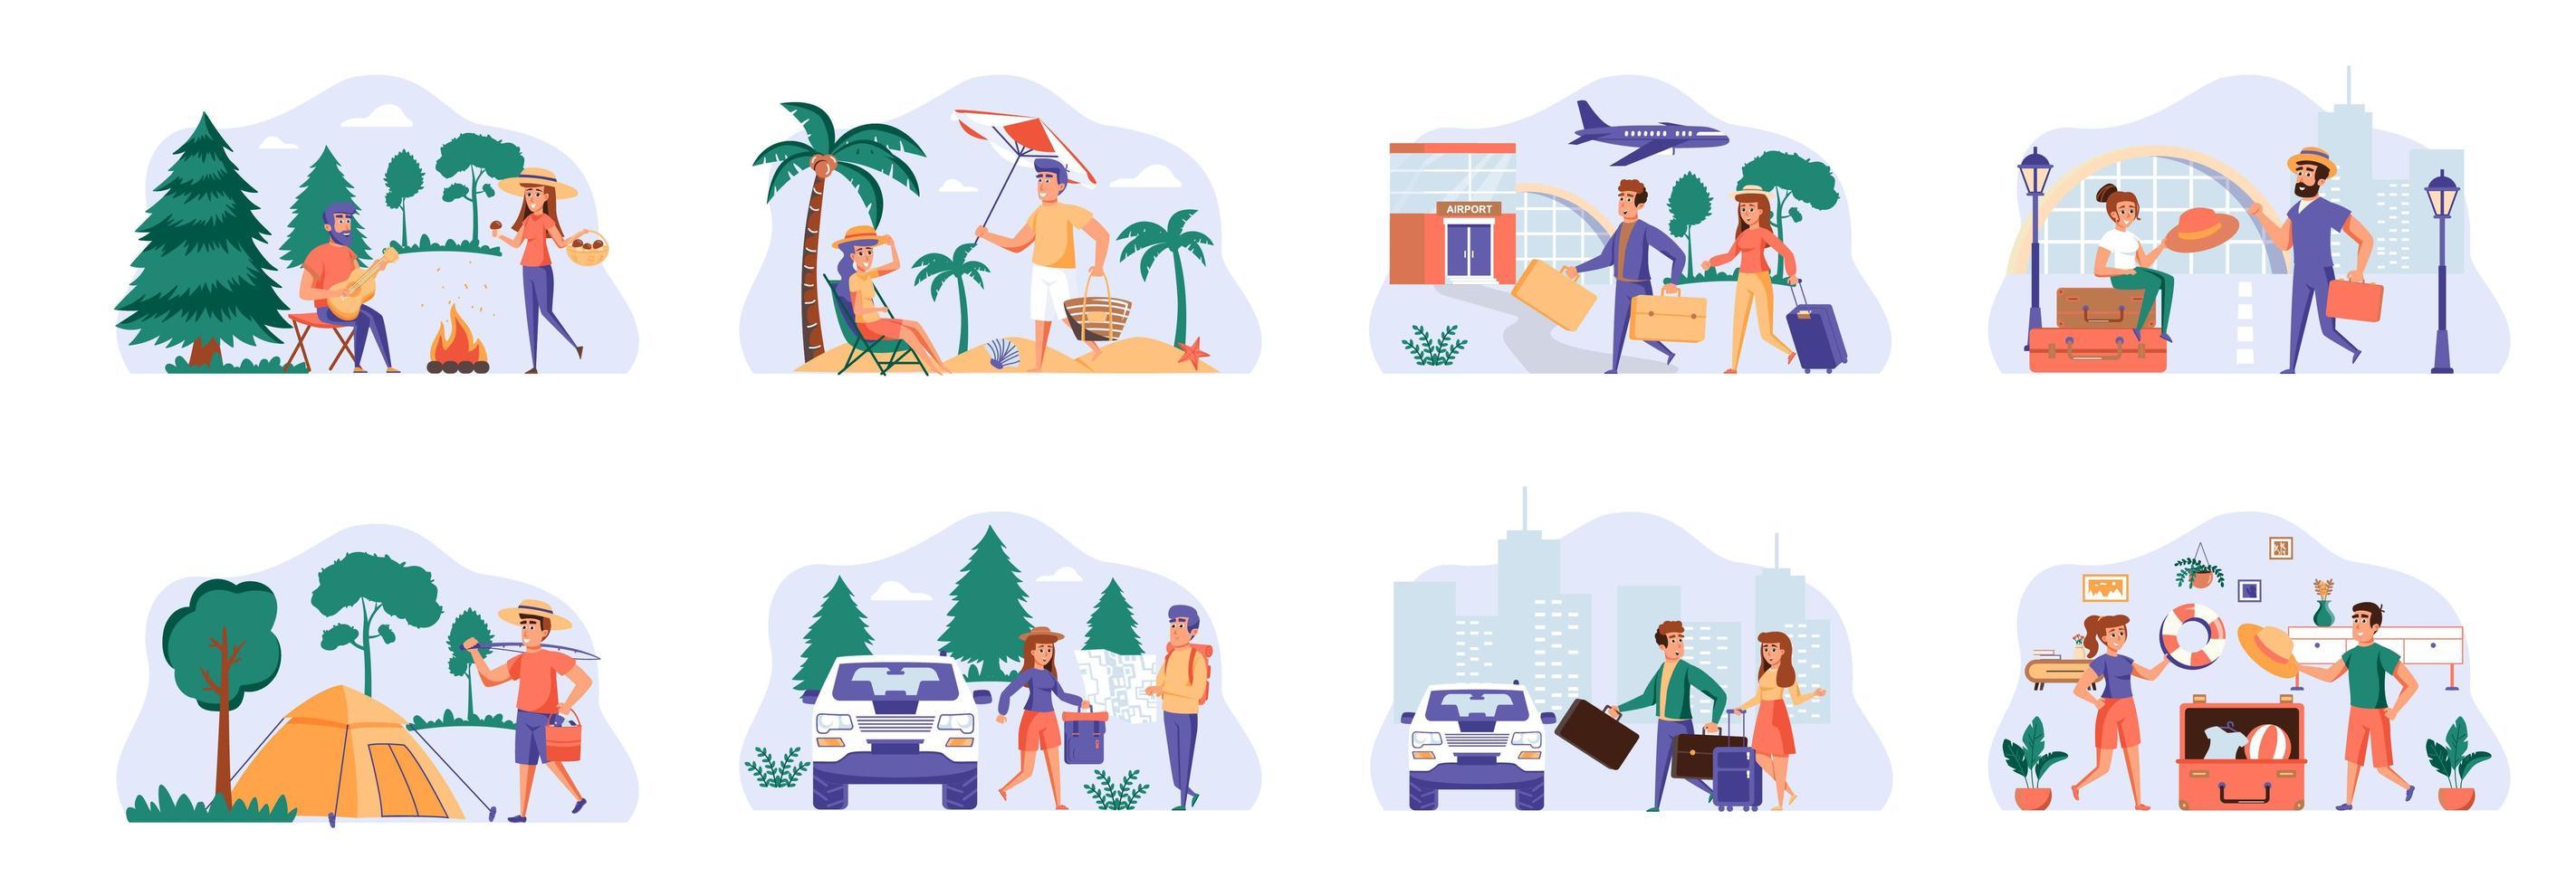 reisvakantiebundel van scènes met personagekarakters. vector